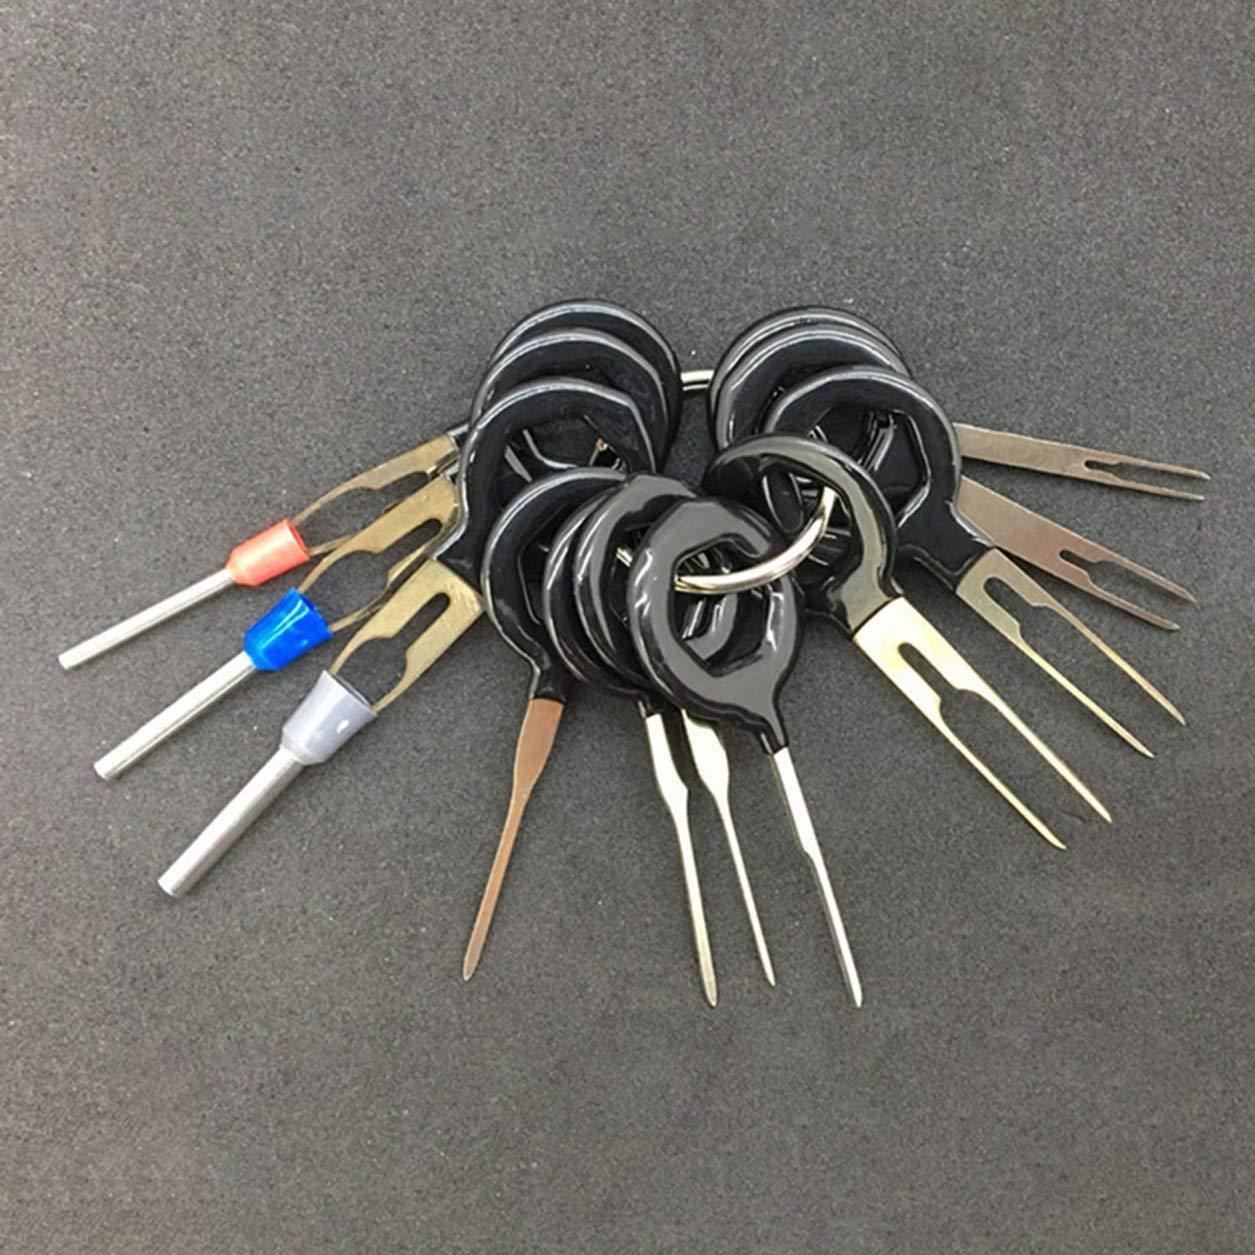 Car Terminal Kit de herramienta de eliminaci/ón de mazo de cables prensado del conector Extractor Extractor